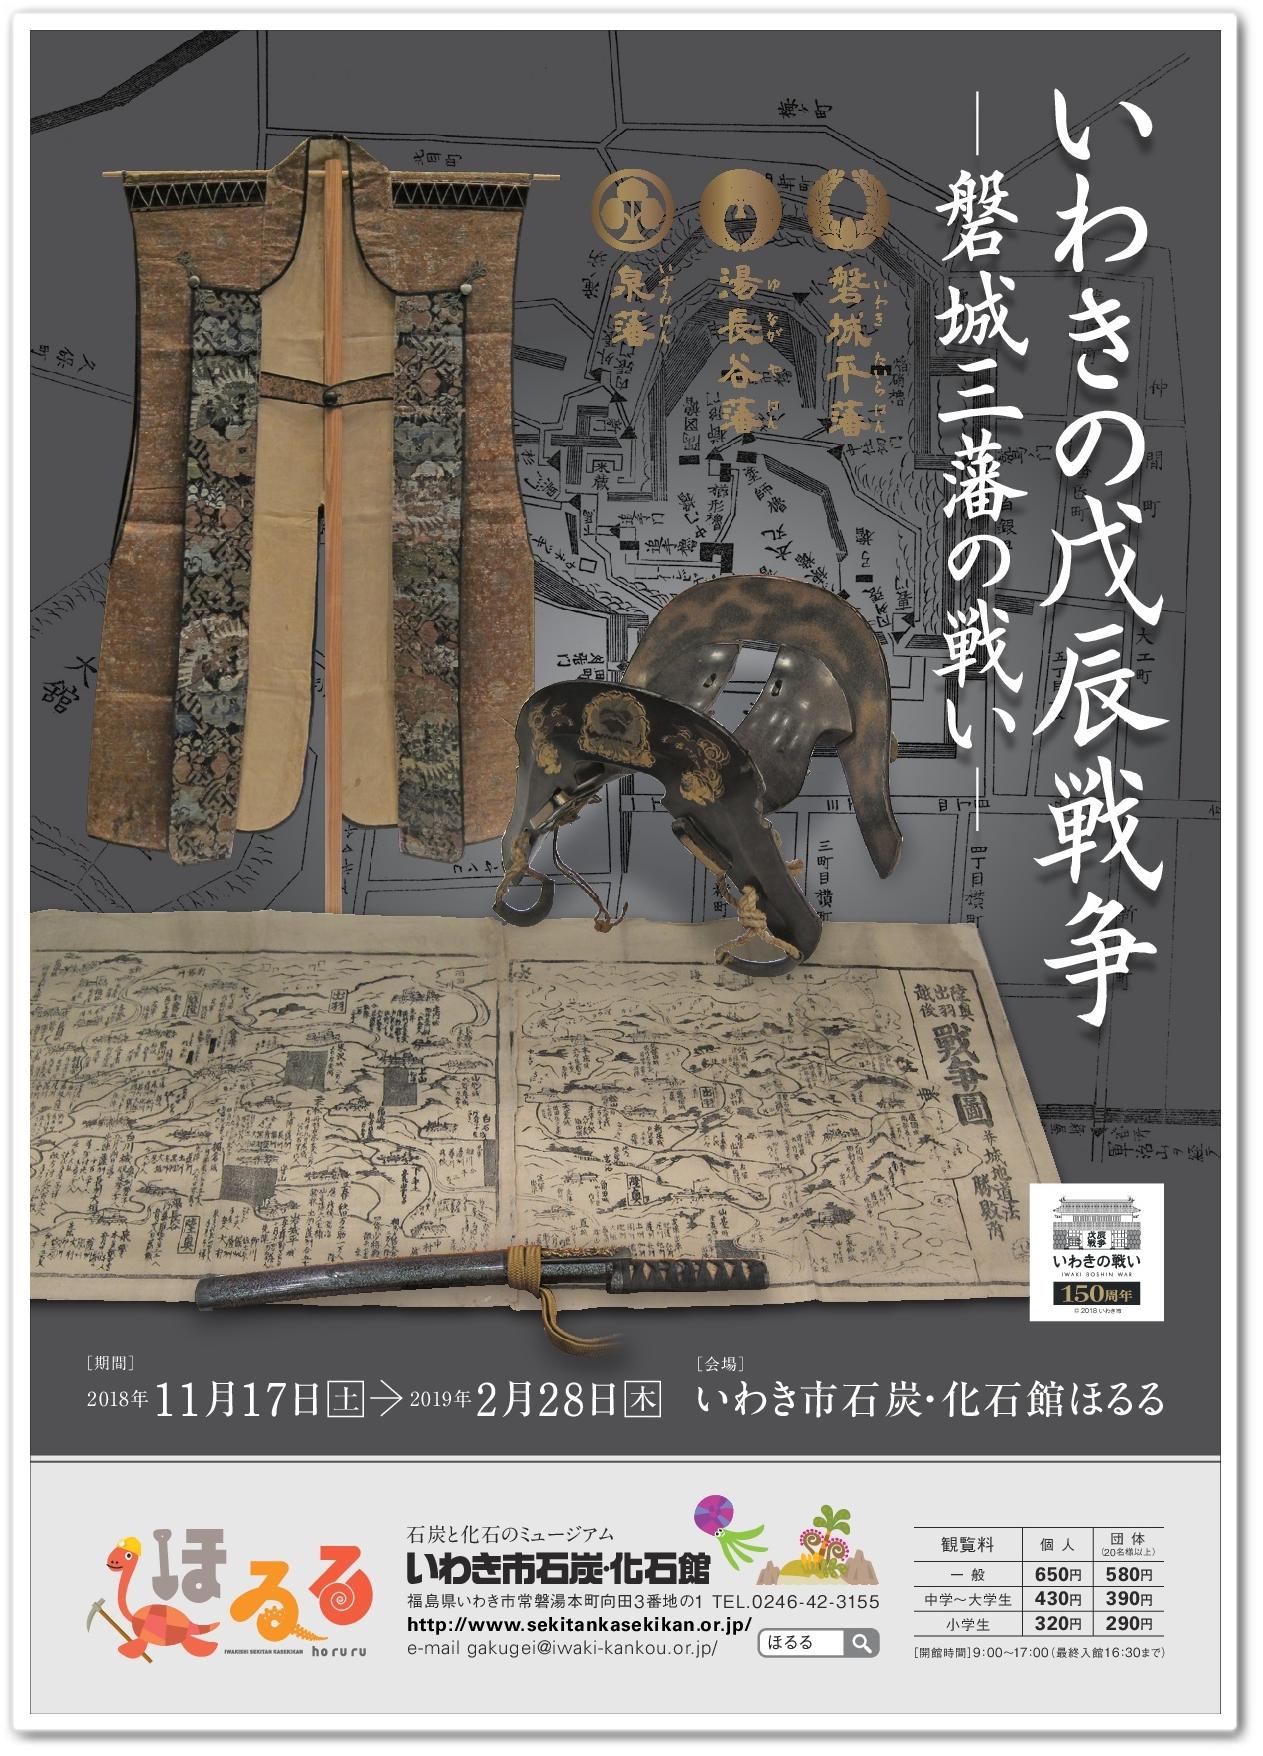 「いわきの戊辰戦争 -磐城三藩の戦い-」ほるるにて17日(土)より開催いたします!  [平成30年11月16日(金)更新]1